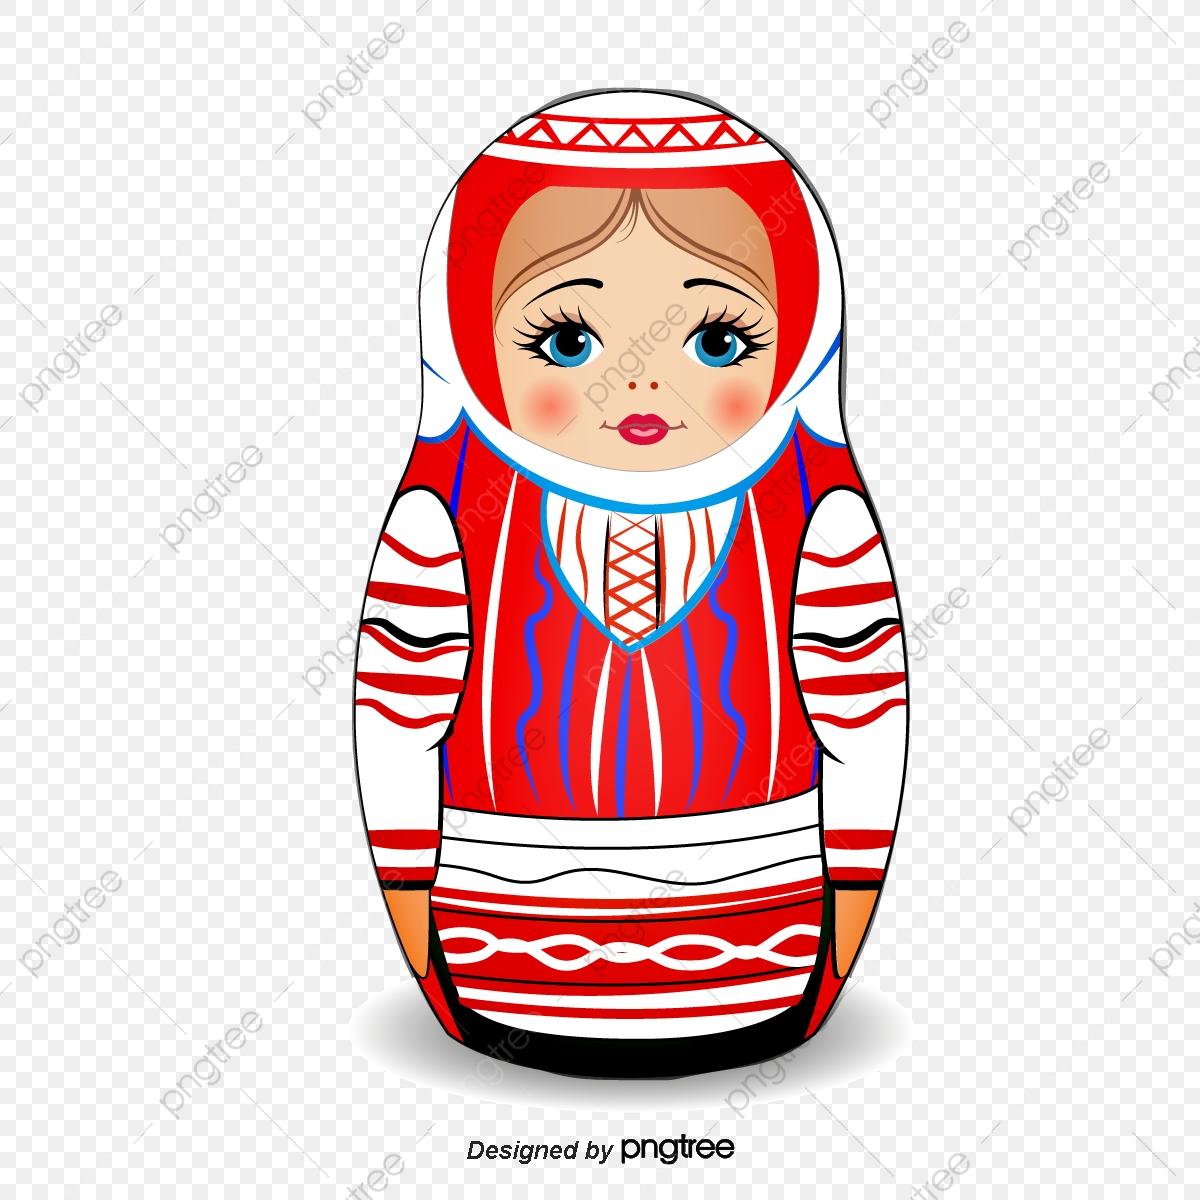 Poupée Russe, Belle Poupée Russe Png Et Vecteur Pour à Nom Poupée Russe